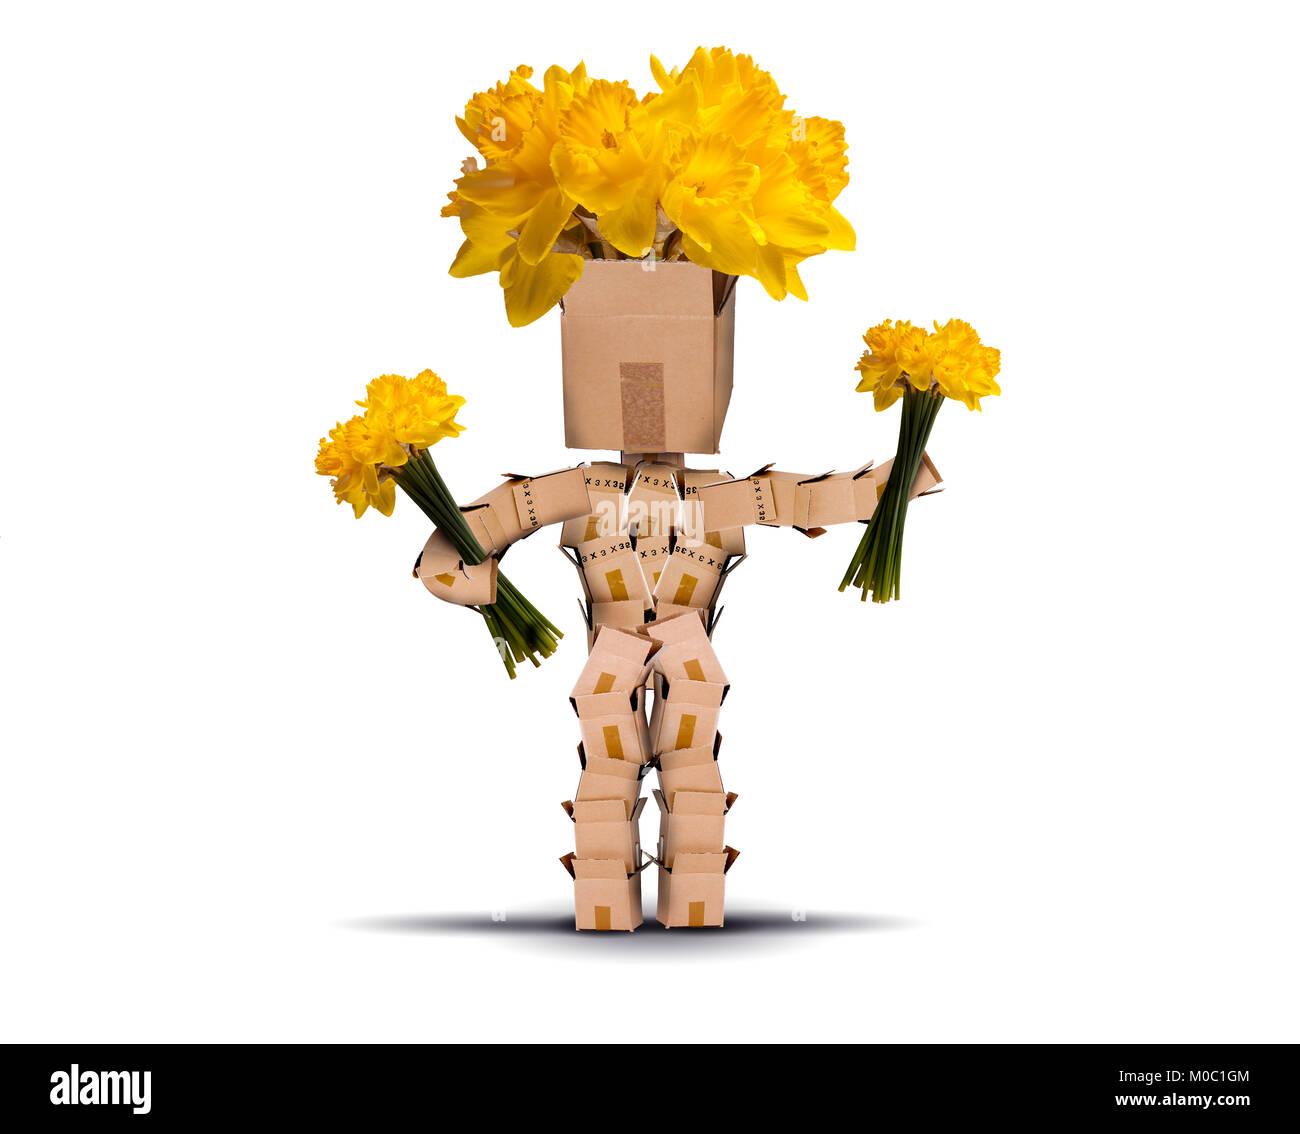 Box Charakter Holding und hat gelbe Blüten Narzissen für die Haare. Auf einem weißen Hintergrund. Stockbild